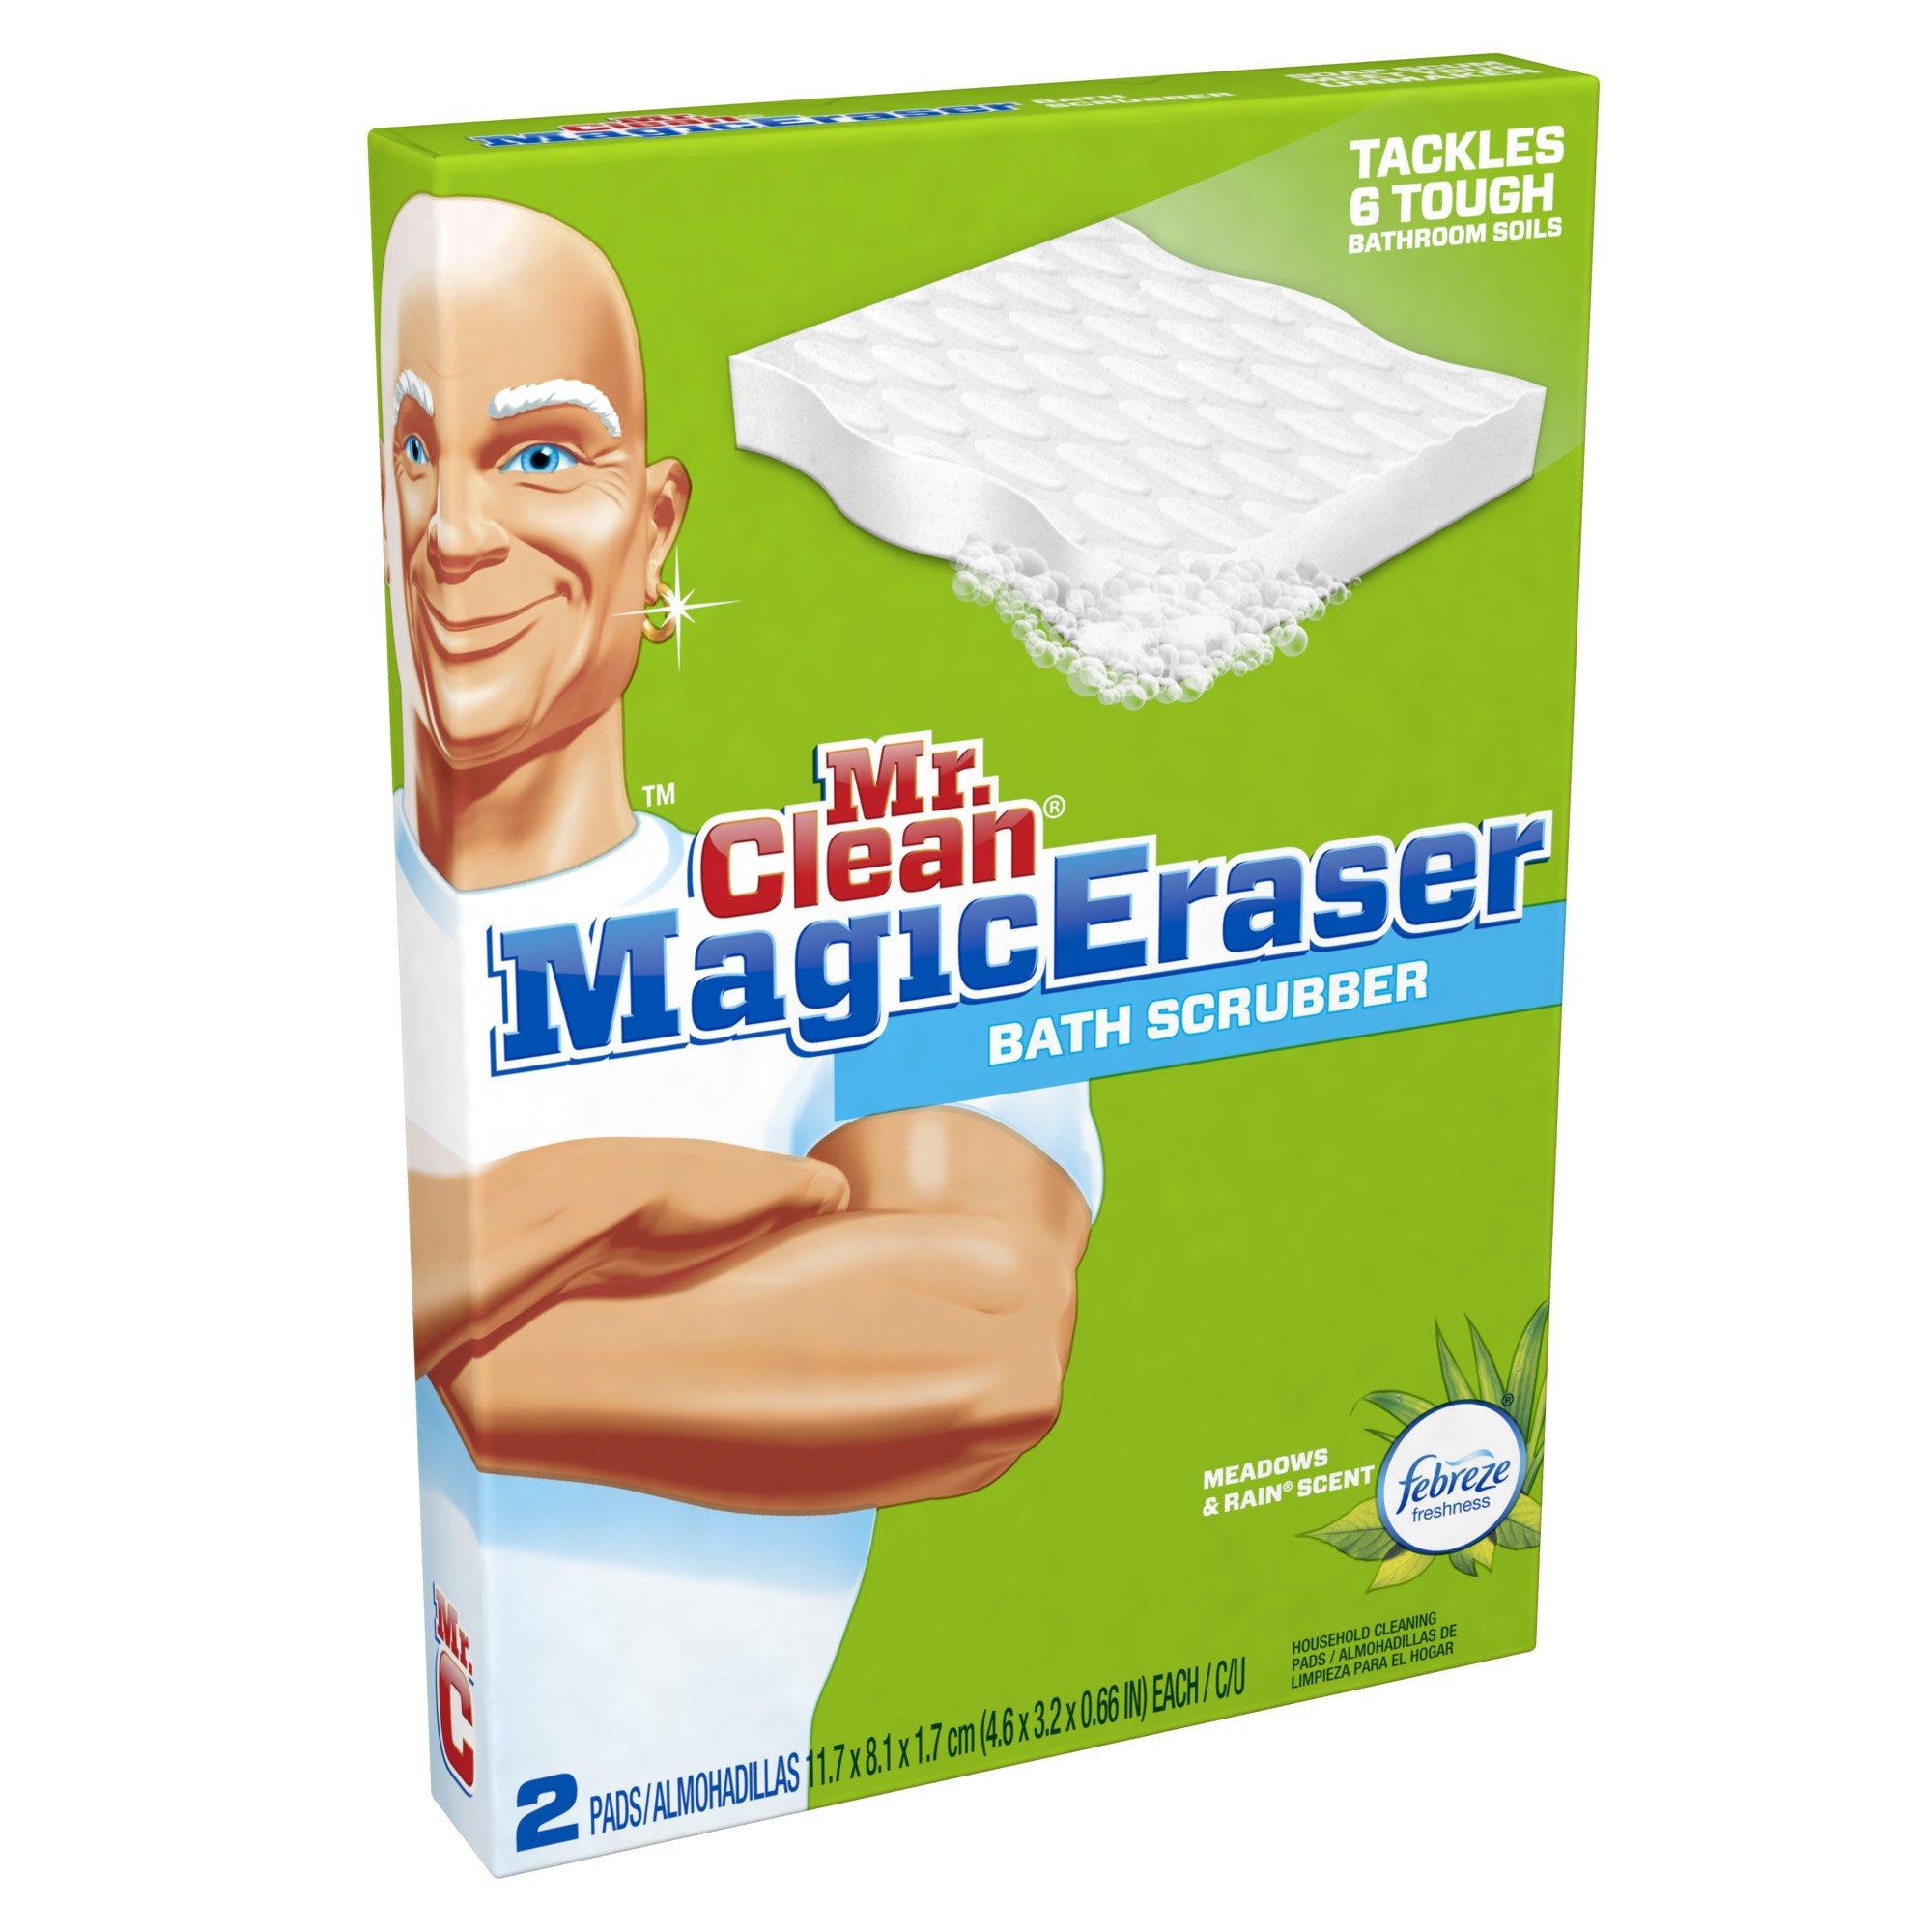 Free porn scrubber eraser